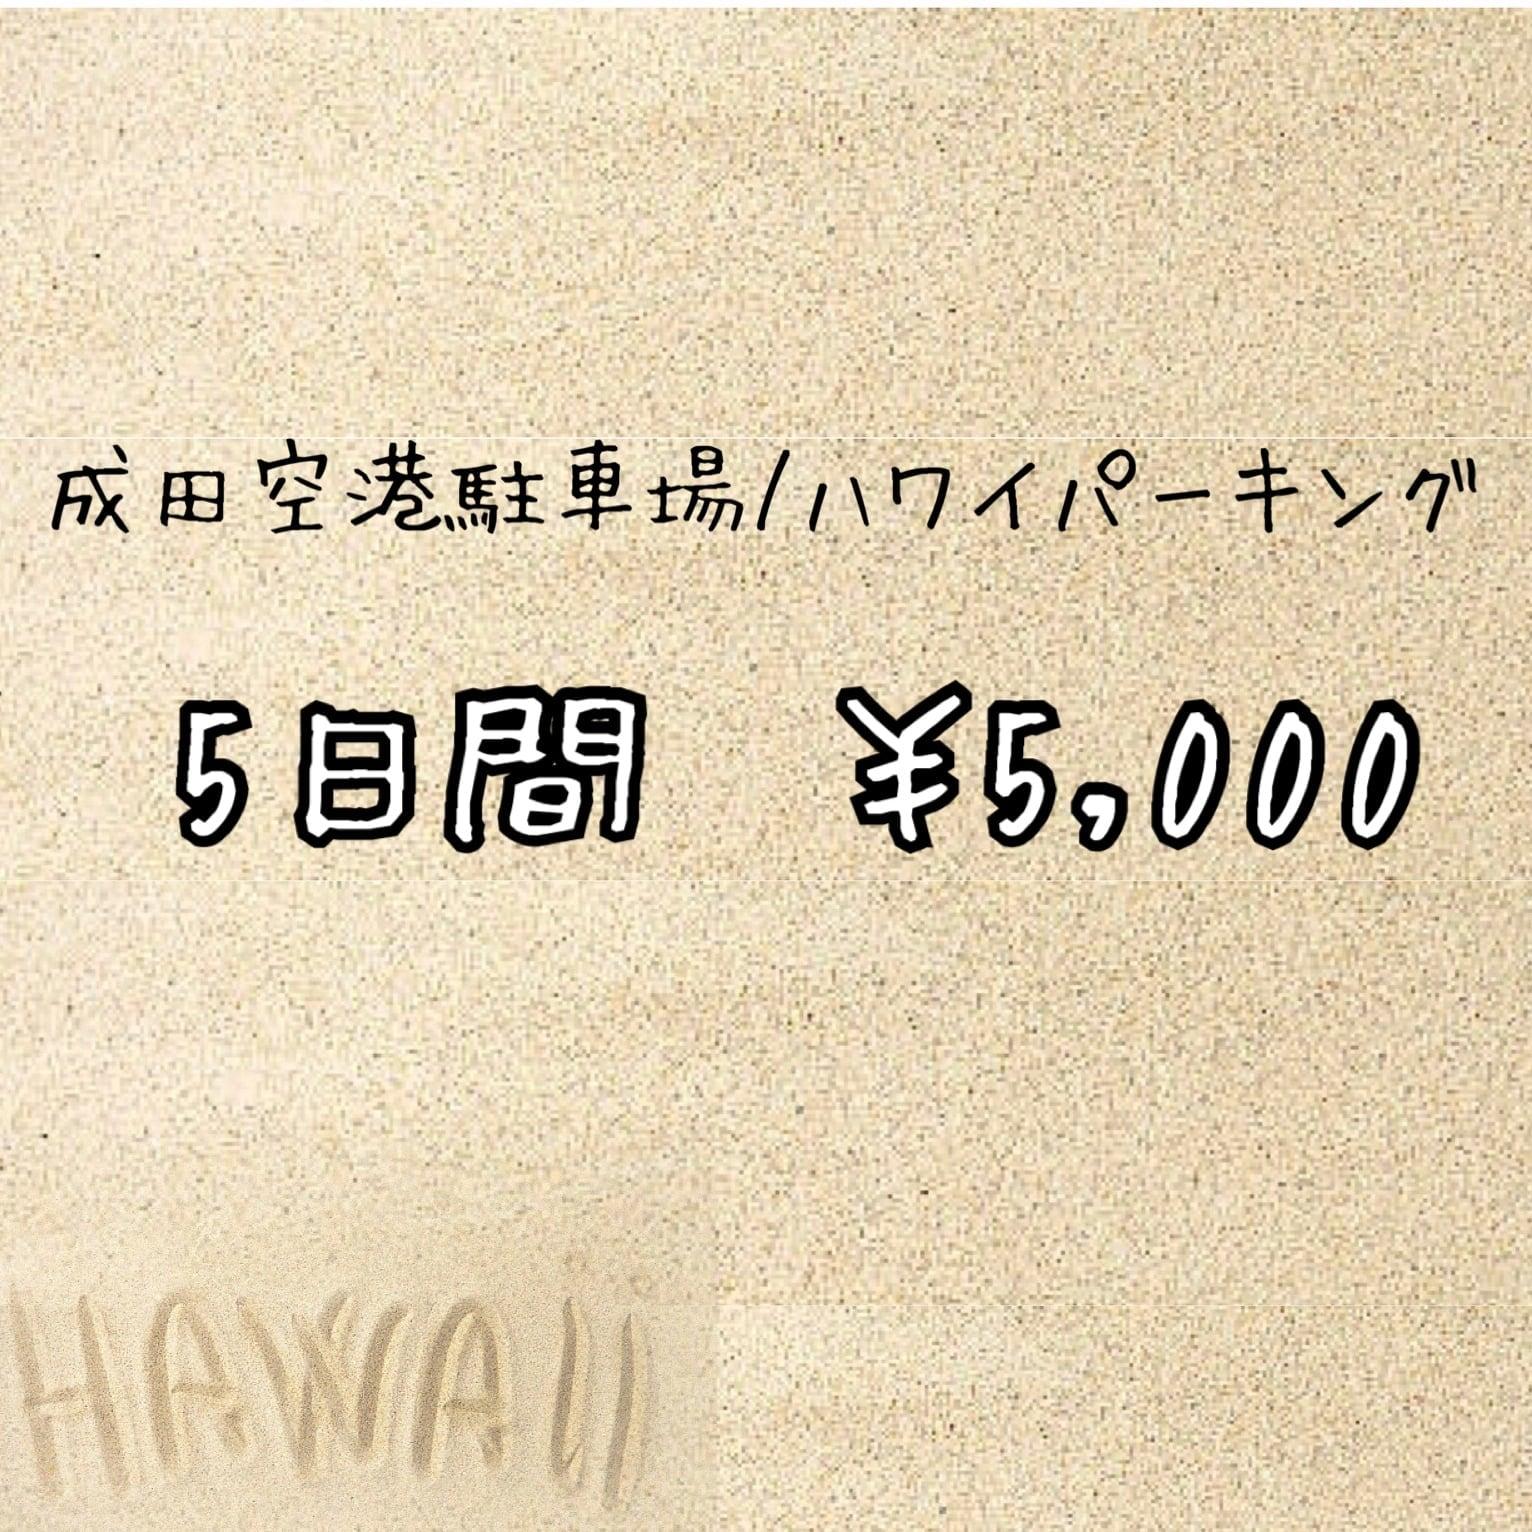 5日間/¥5000【成田空港駐車場・料金】のイメージその1